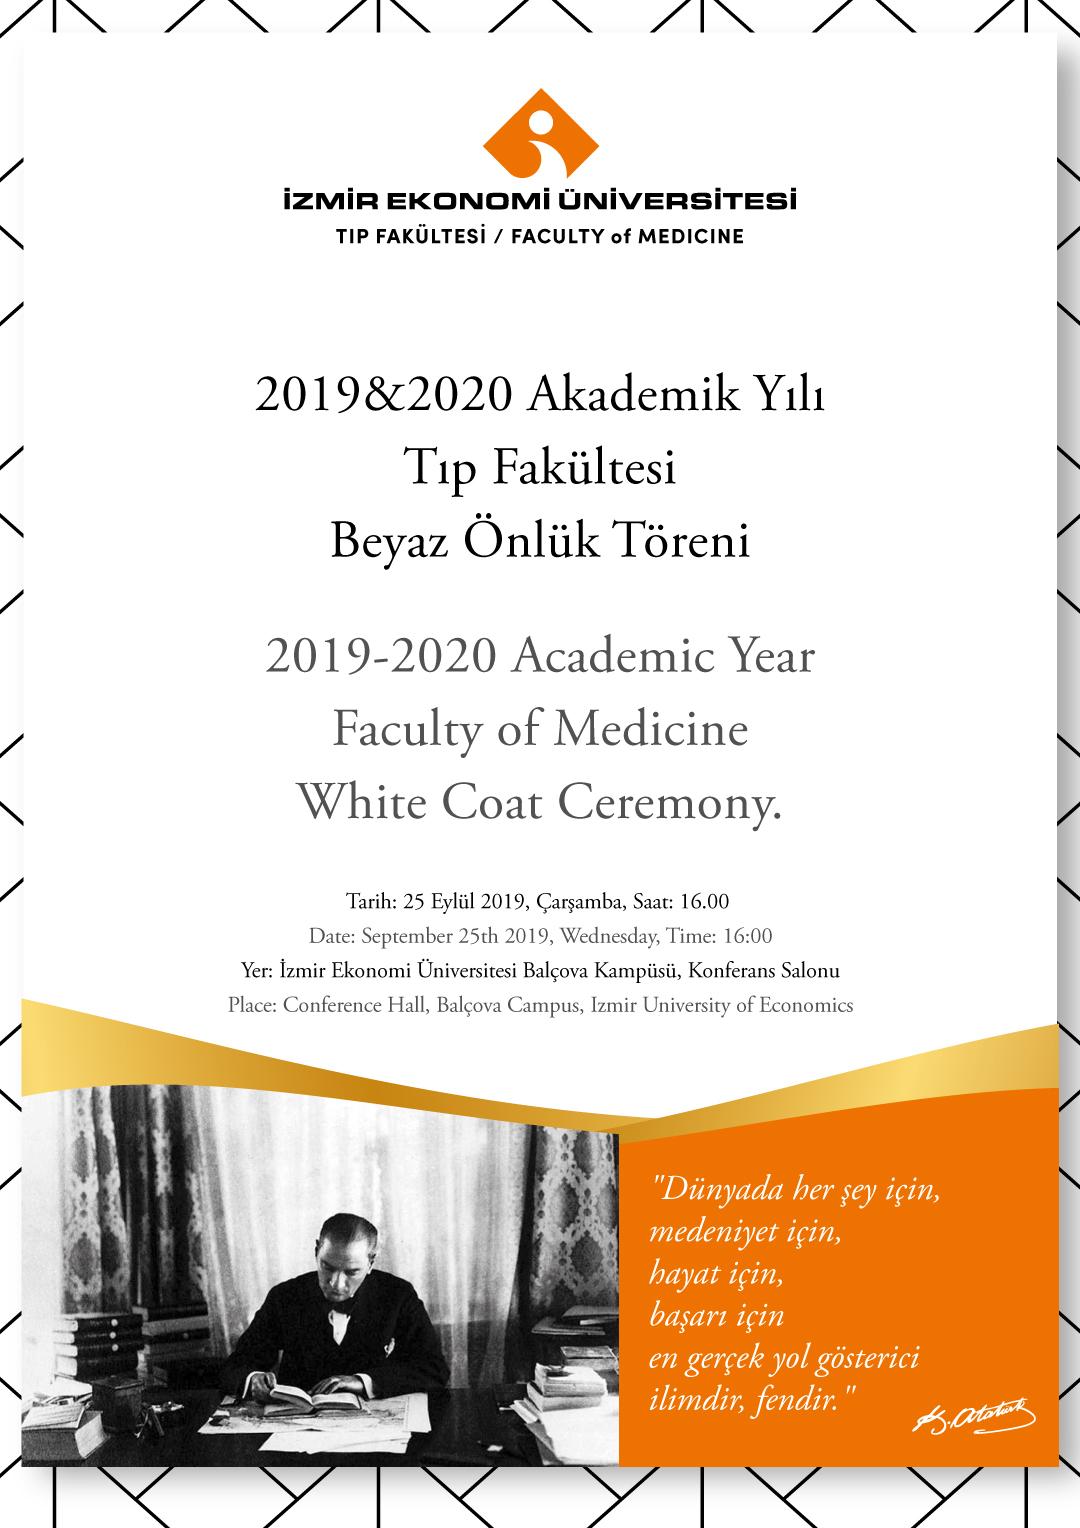 Tıp Fakültesi Beyaz Önlük Töreni